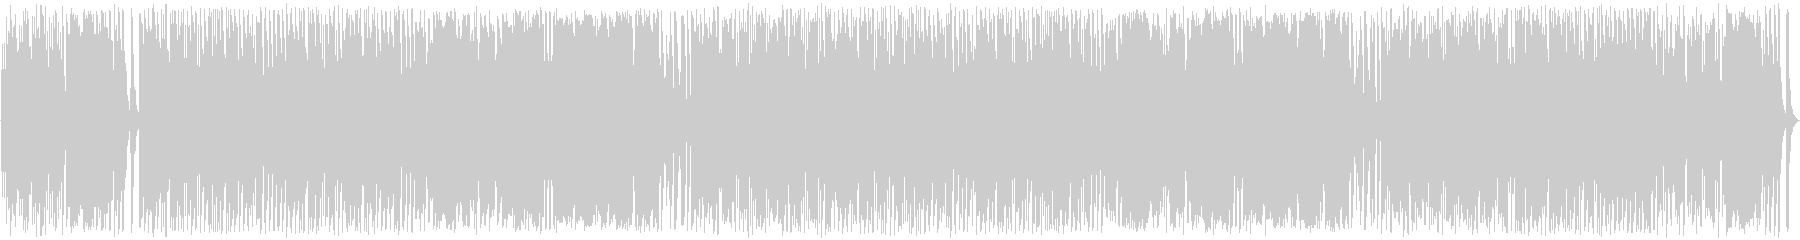 ゆっくり優しいメルヘンなオルガンの曲の未再生の波形